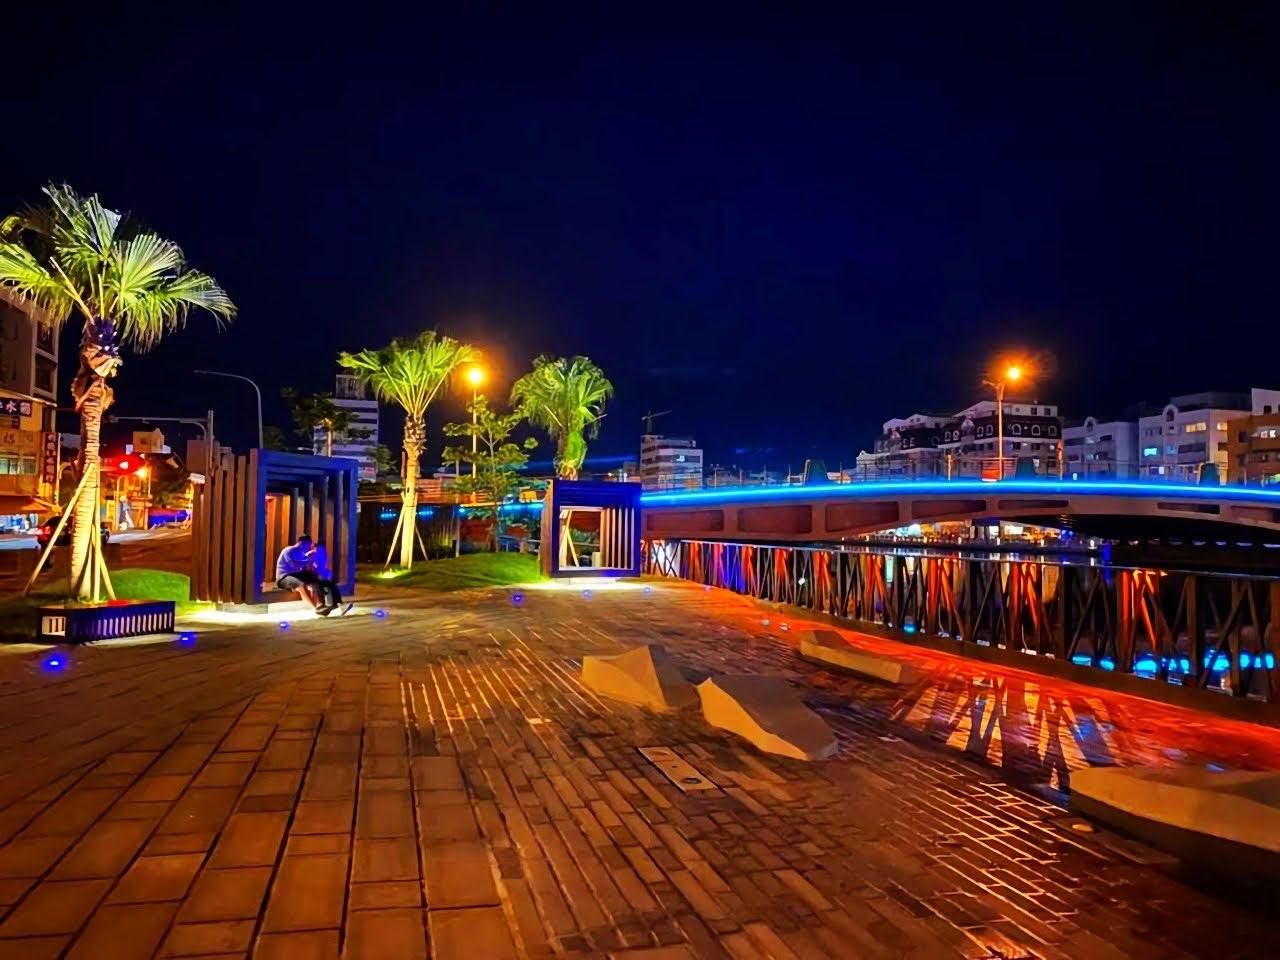 日夜都美|環河街廣場浪漫大變身|串聯河樂廣場延伸3.7公里金色流域